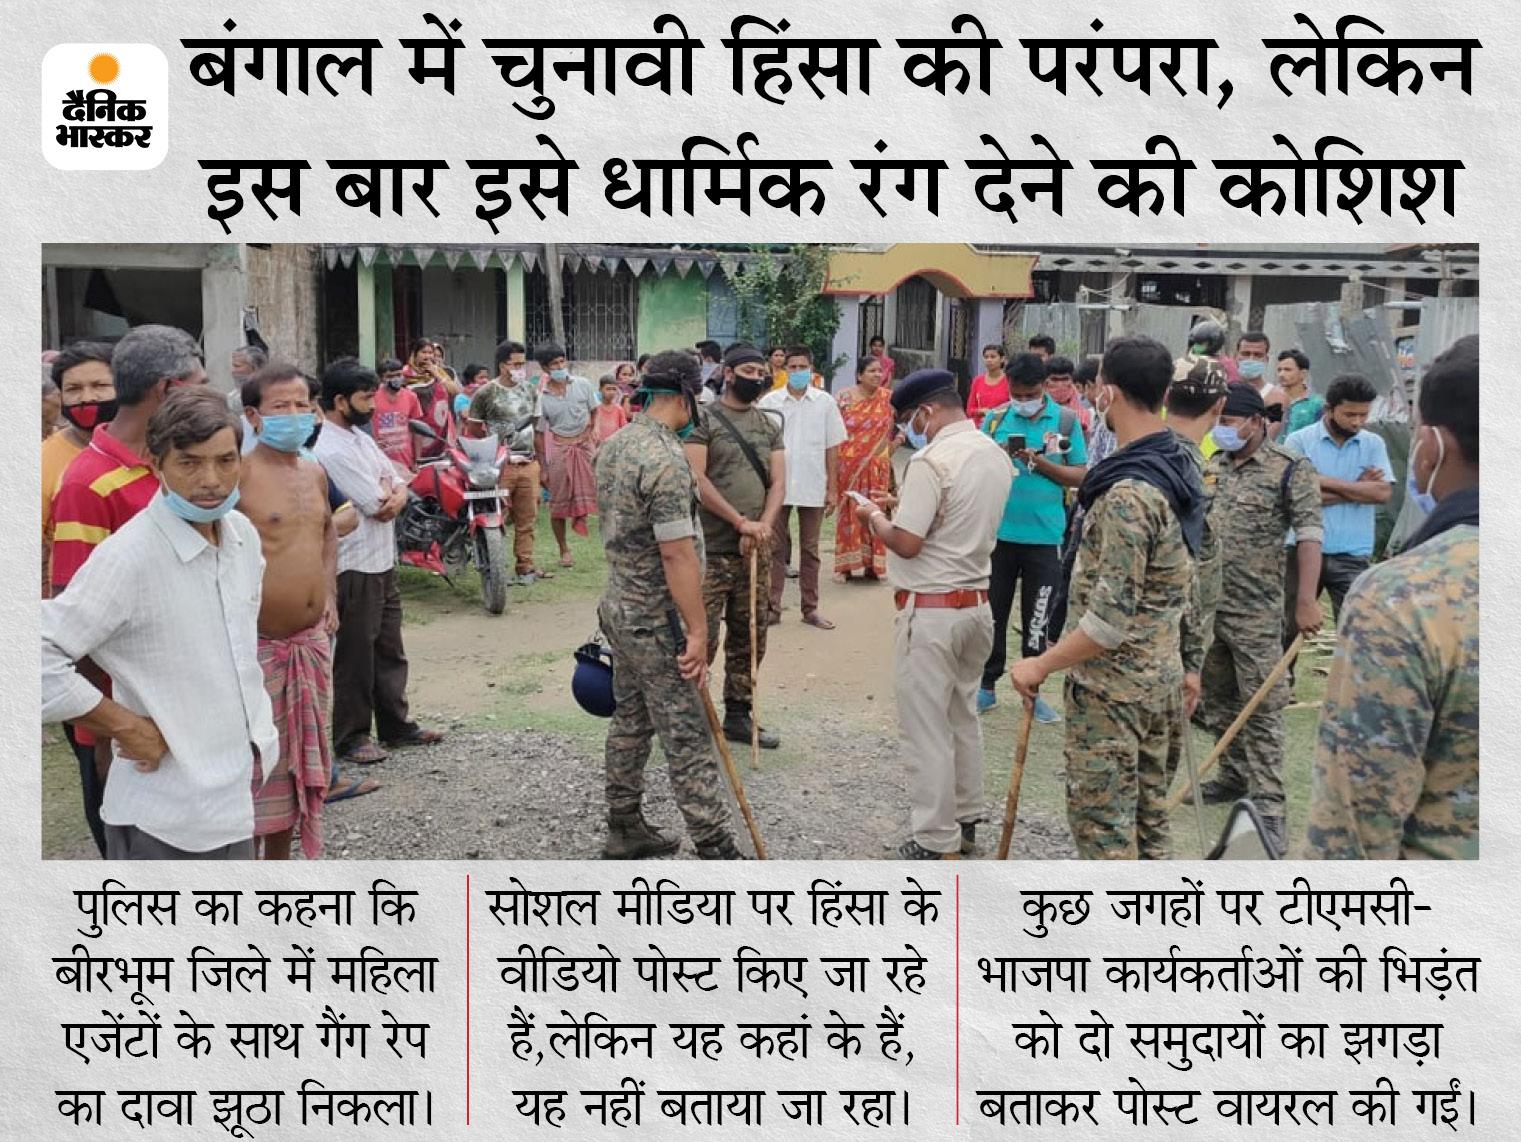 BJP ने लूटपाट-आगजनी की 273 घटनाओं की सूची पेश की, TMC का कहना-फर्जी वीडियो वायरल कर हिंसा को धार्मिक रंग दे रही BJP|DB ओरिजिनल,DB Original - Dainik Bhaskar